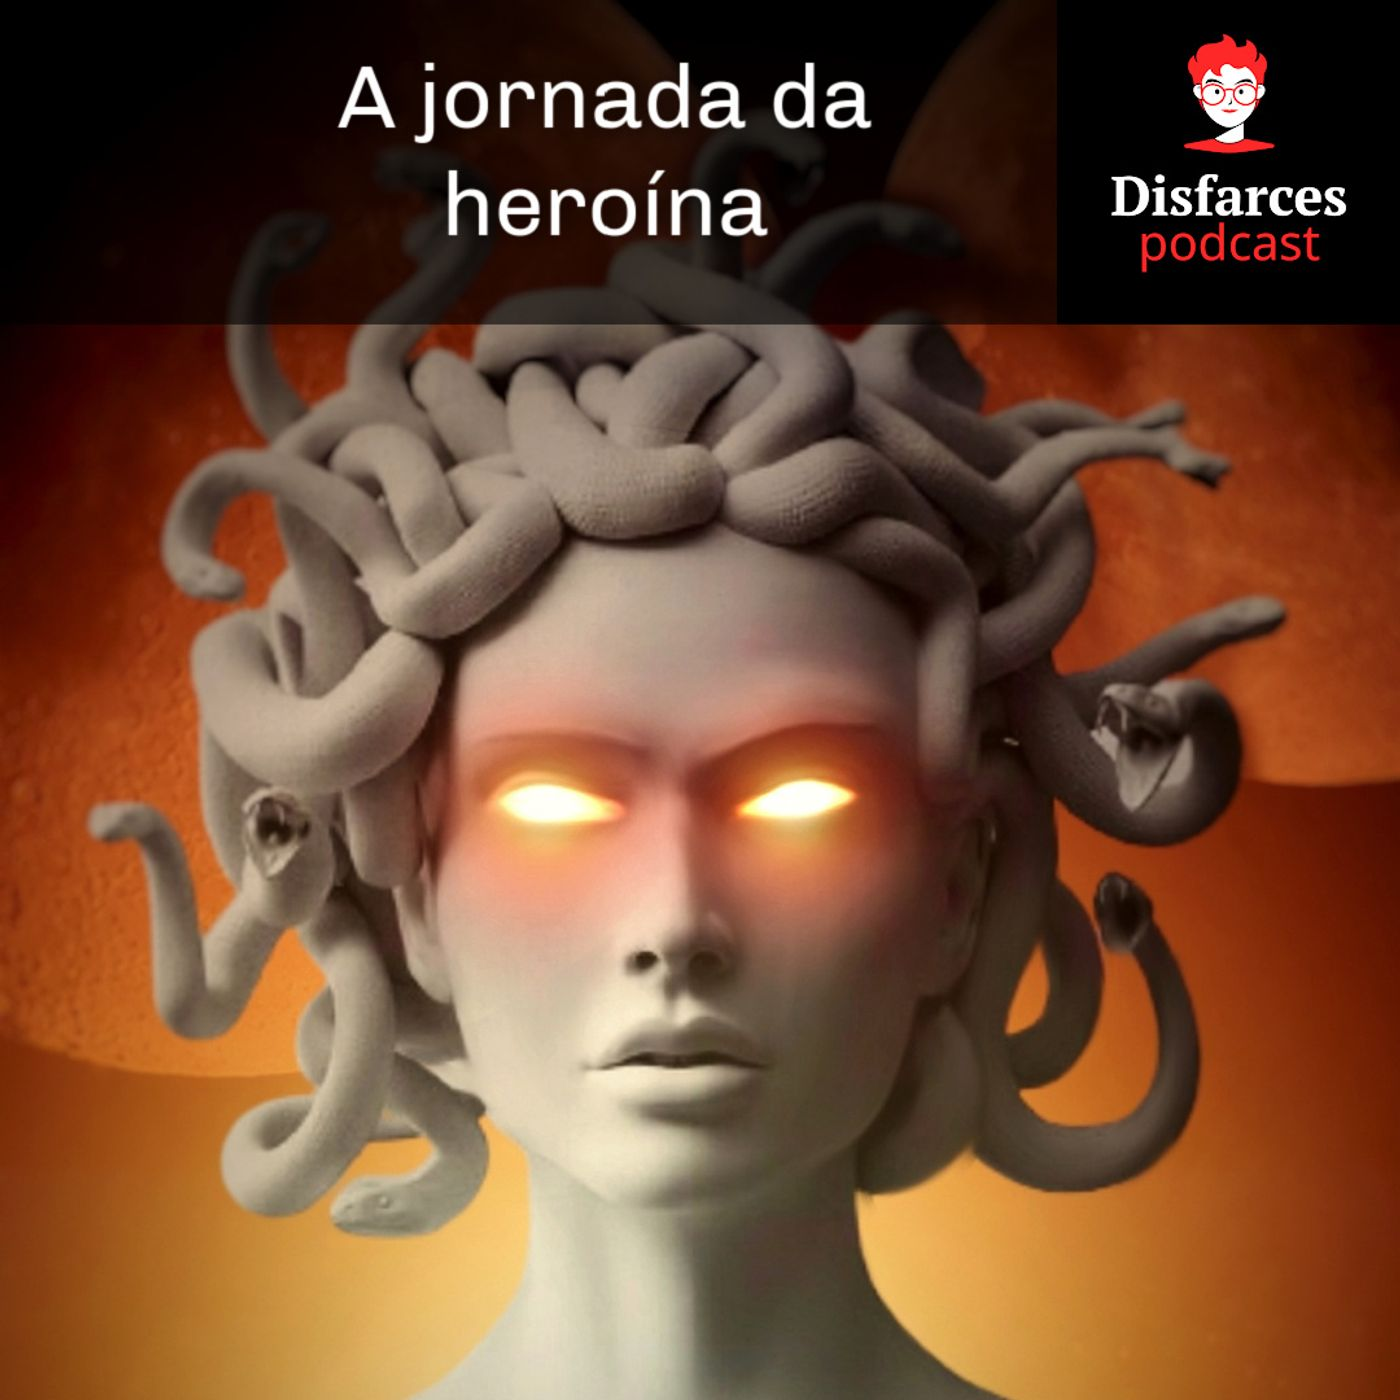 Disfarces 25 - A Jornada da heroína e outras nerdices